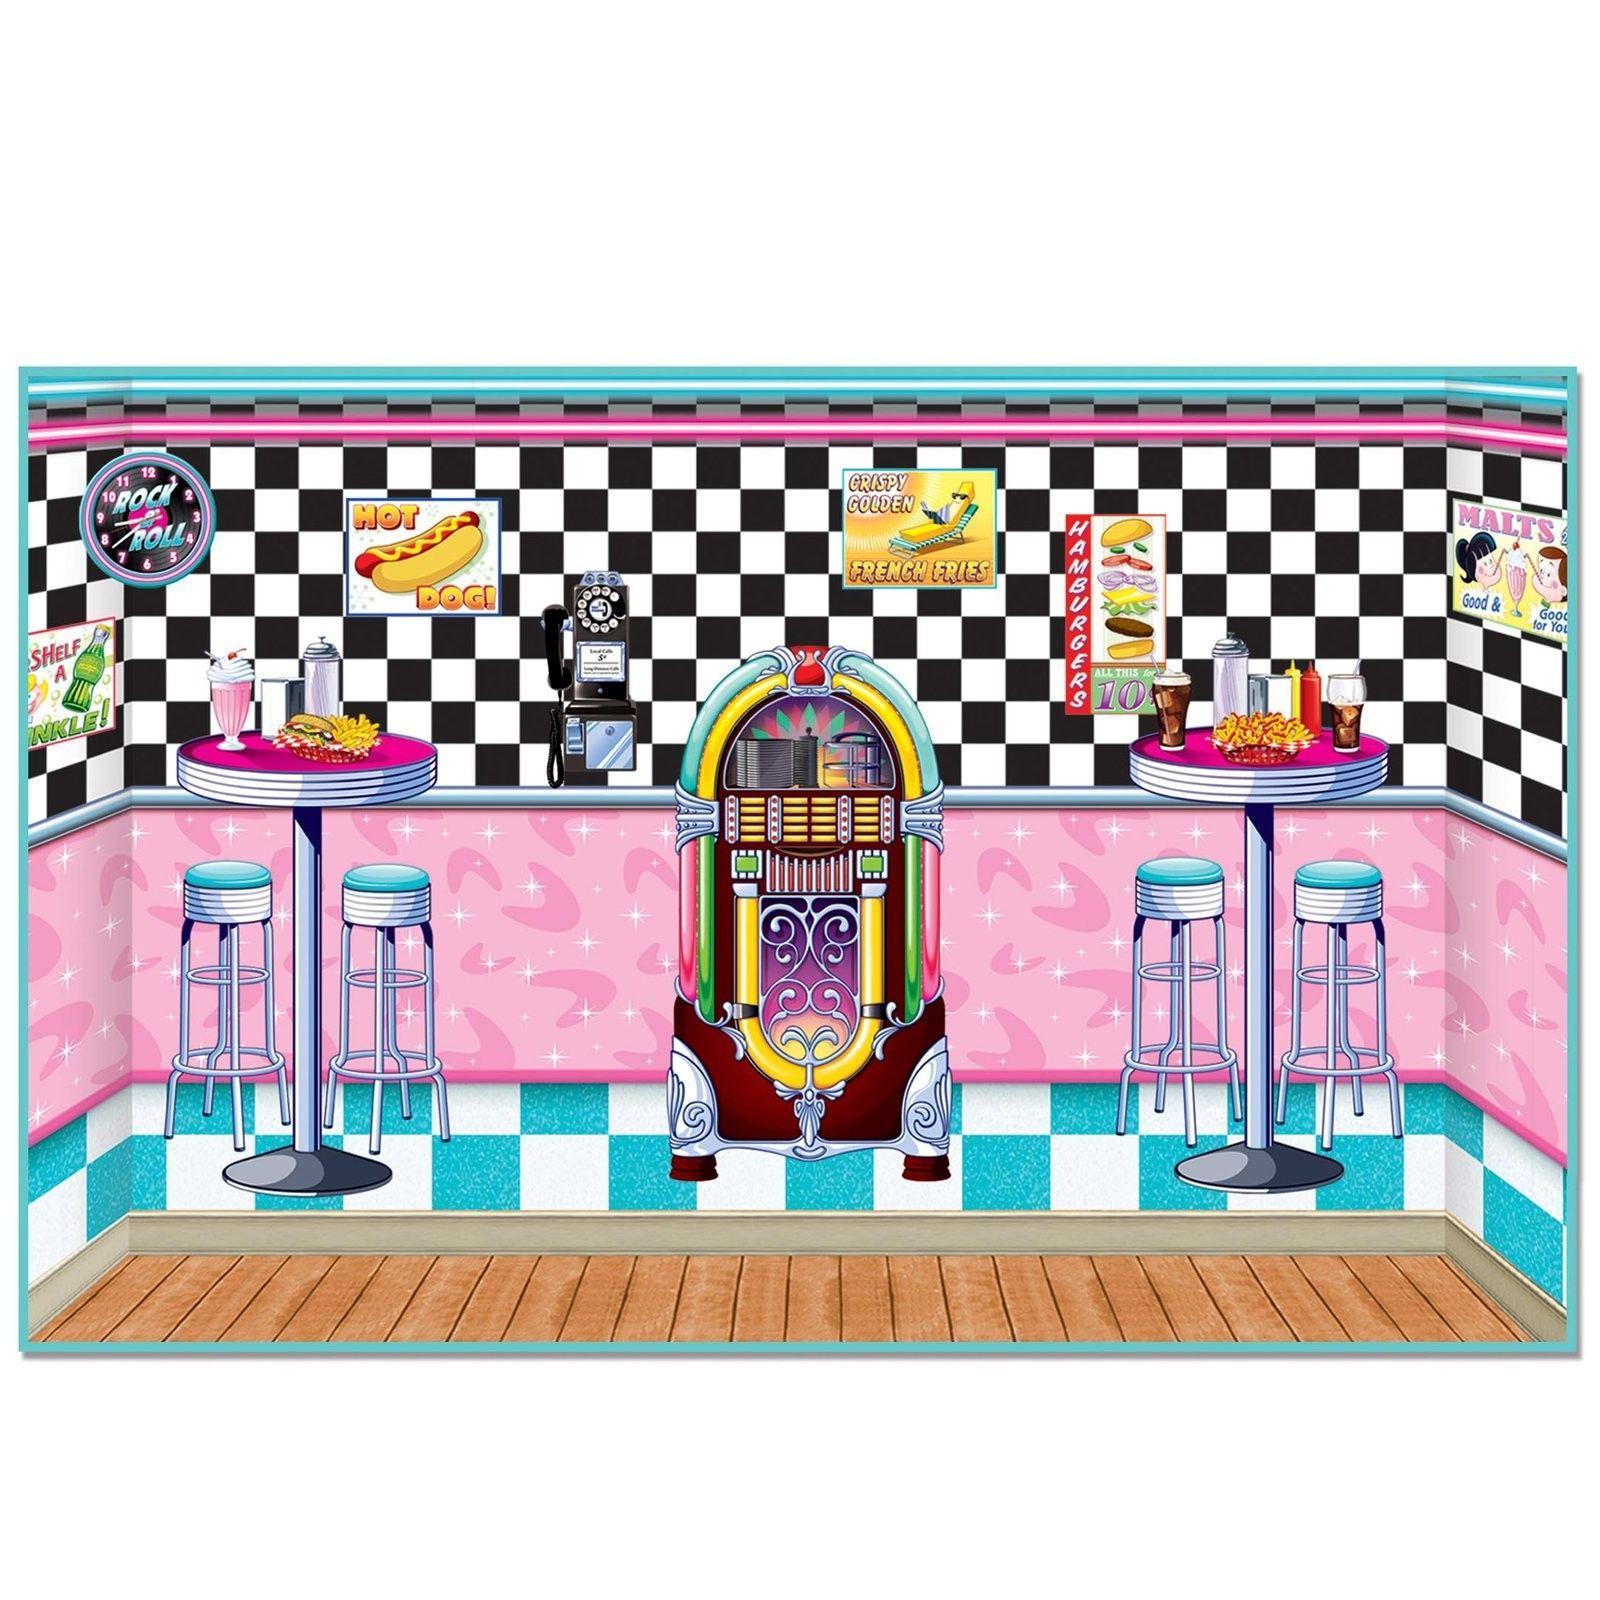 1950 39 s diner backdrop kit 1950 39 s soda shop scene kit for 1950s party decoration